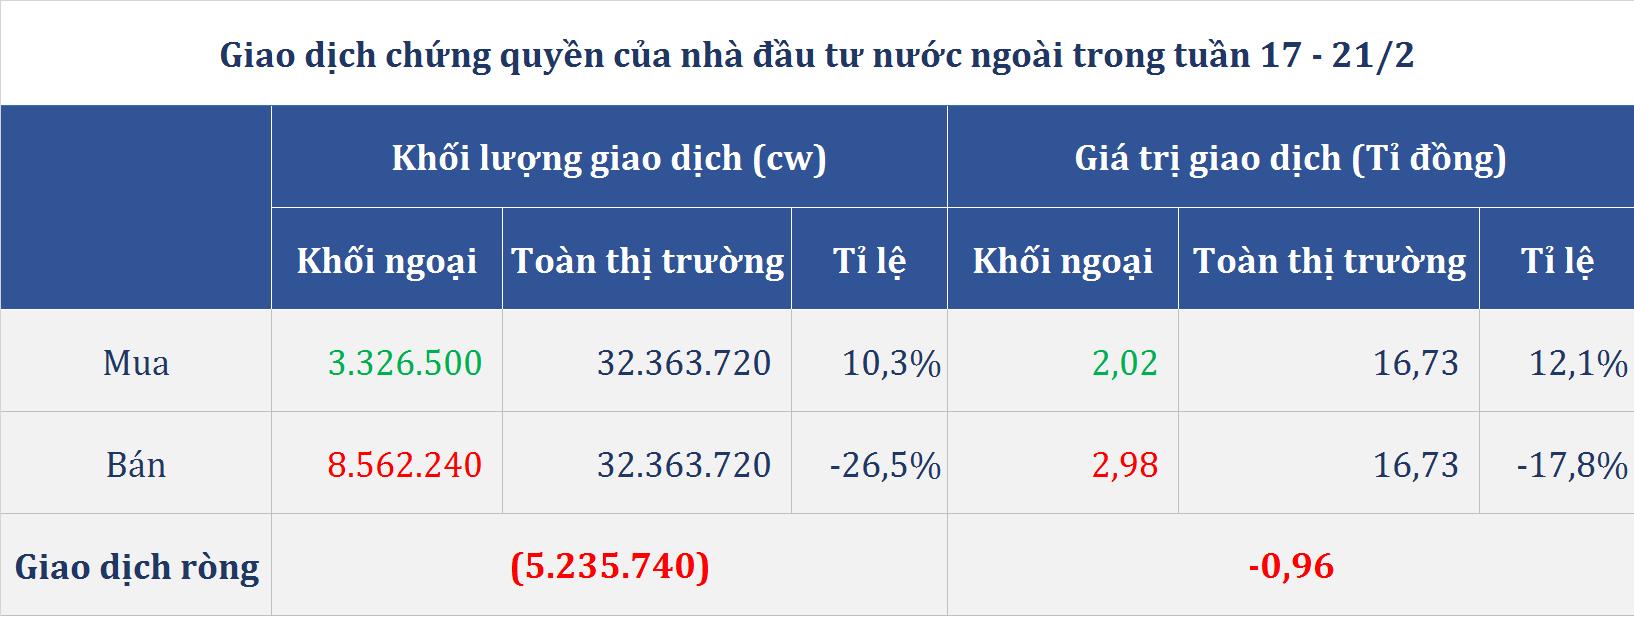 Thị trường chứng quyền (17 - 21/2): Nhóm SBT, MSN hồi phục, họ Vingroup đảo chiều giảm giá - Ảnh 4.